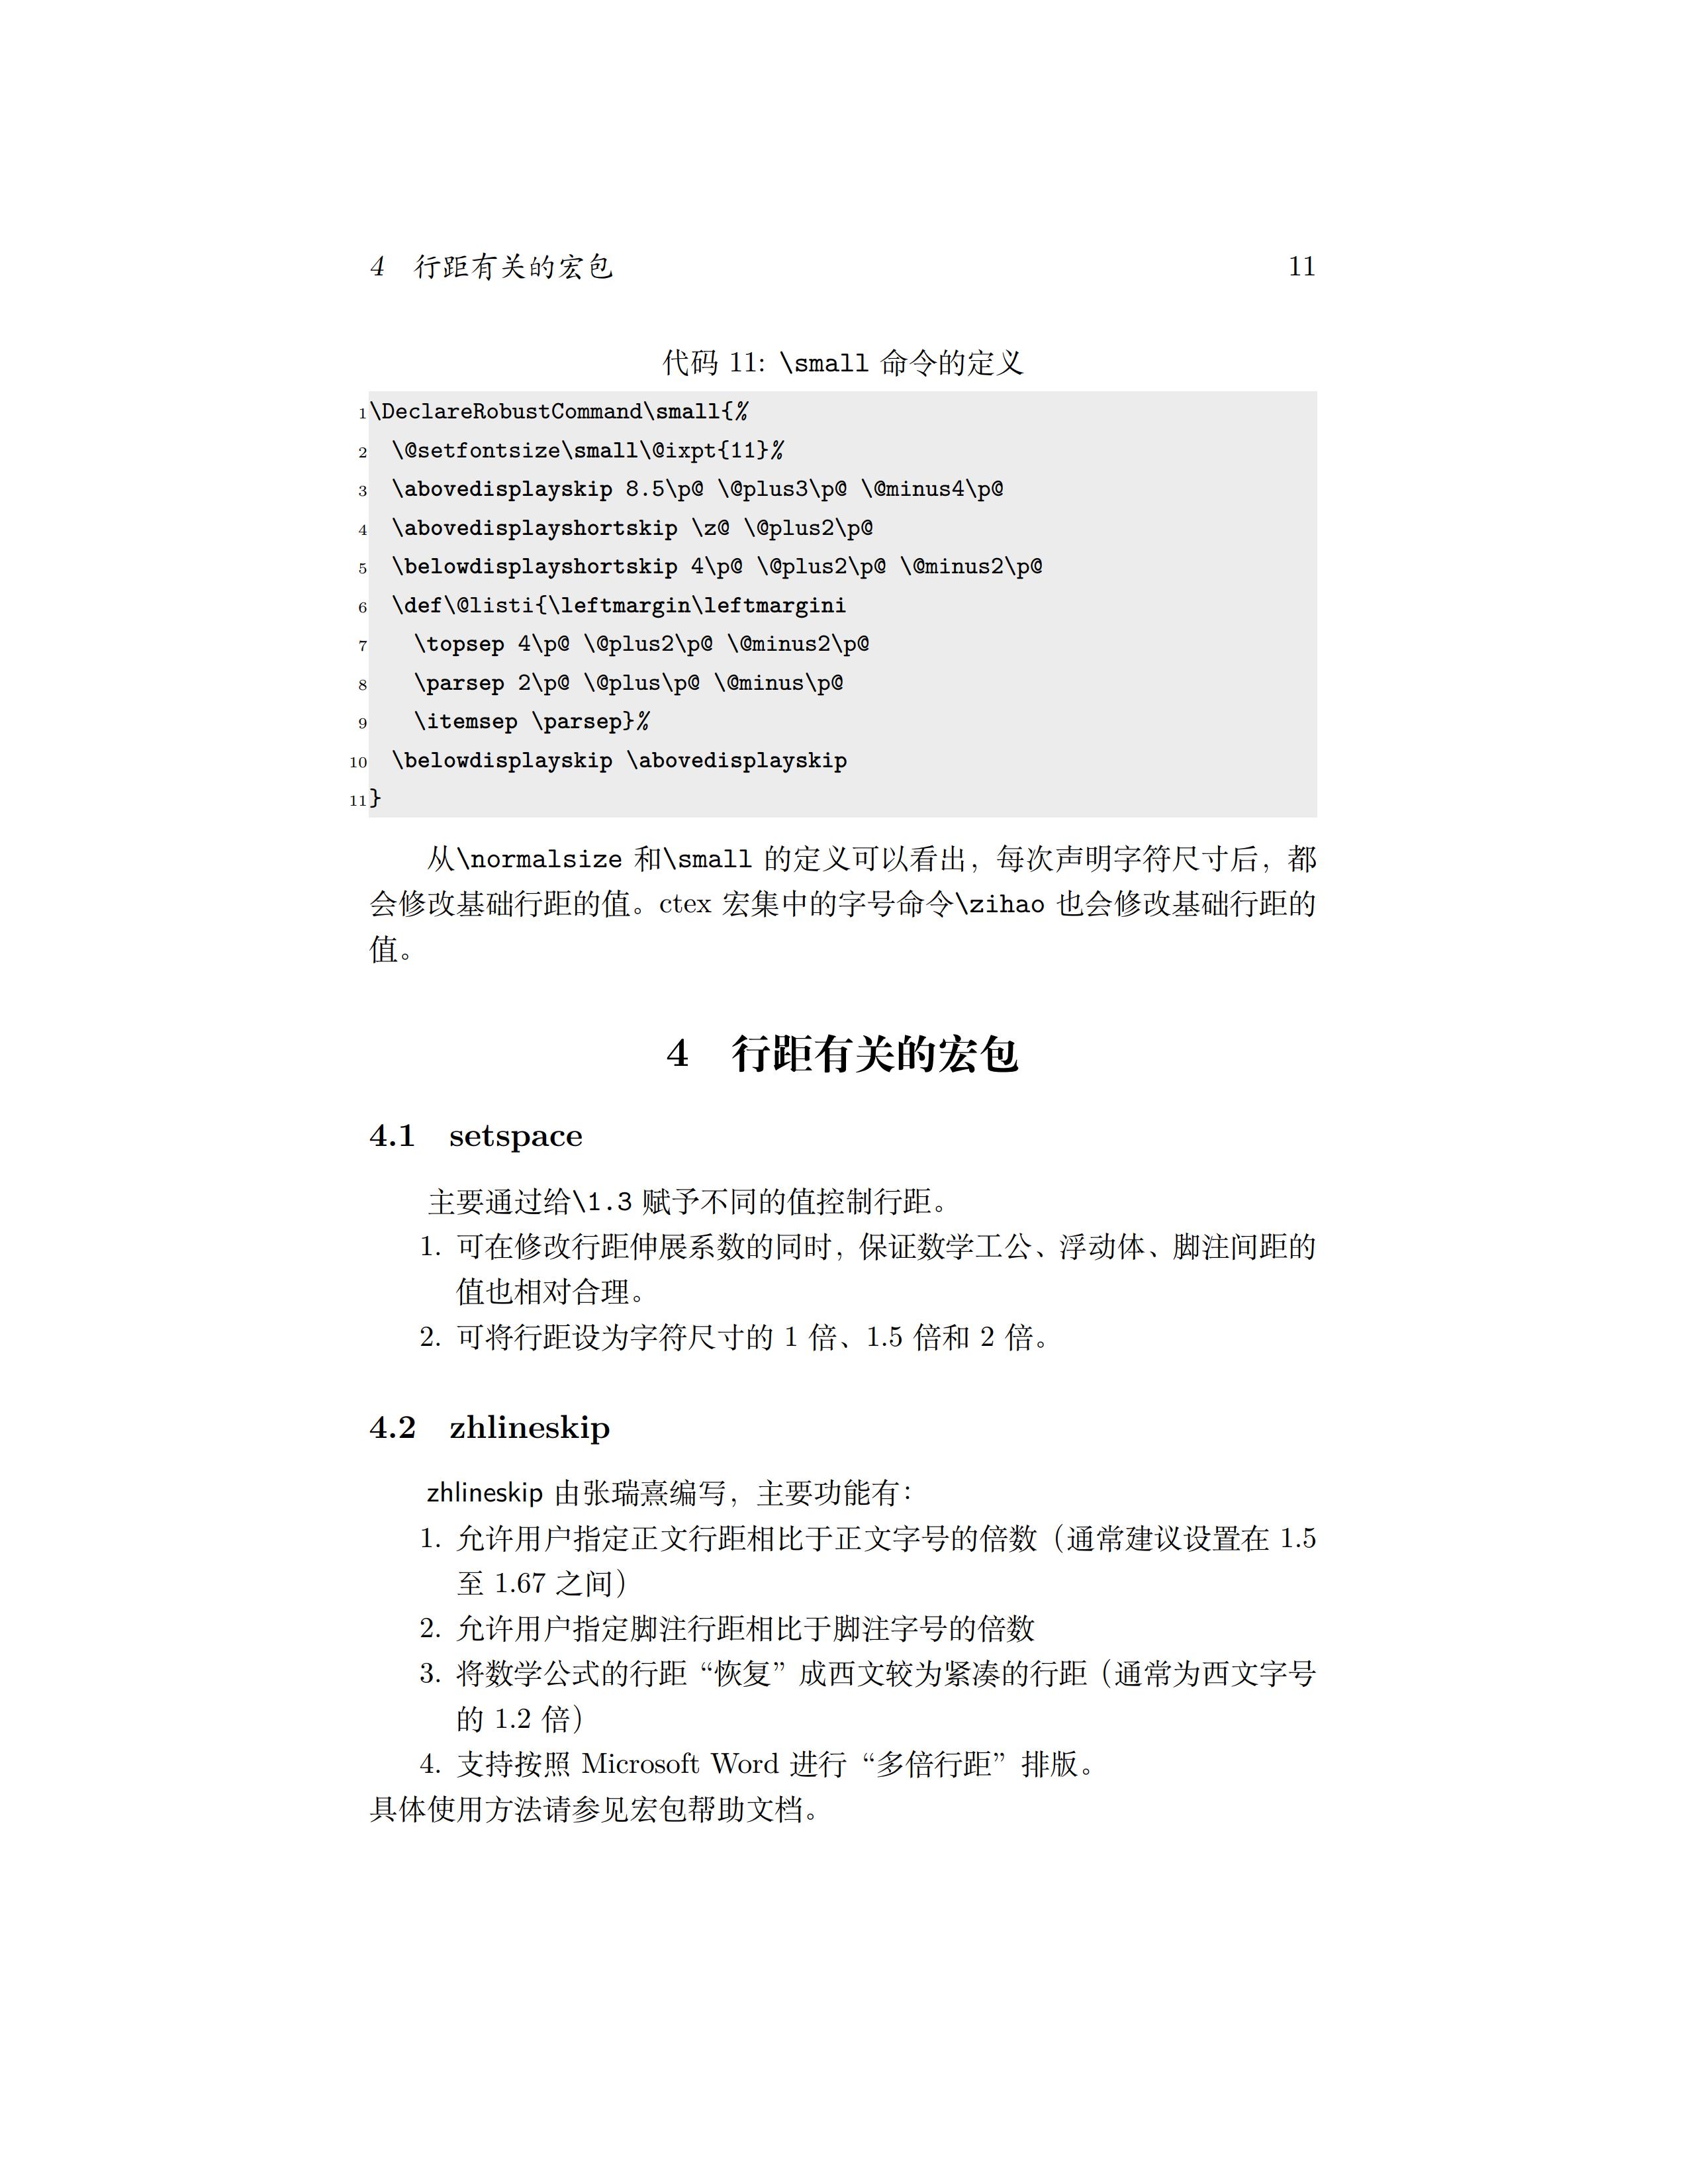 LaTeX 行距学习笔记